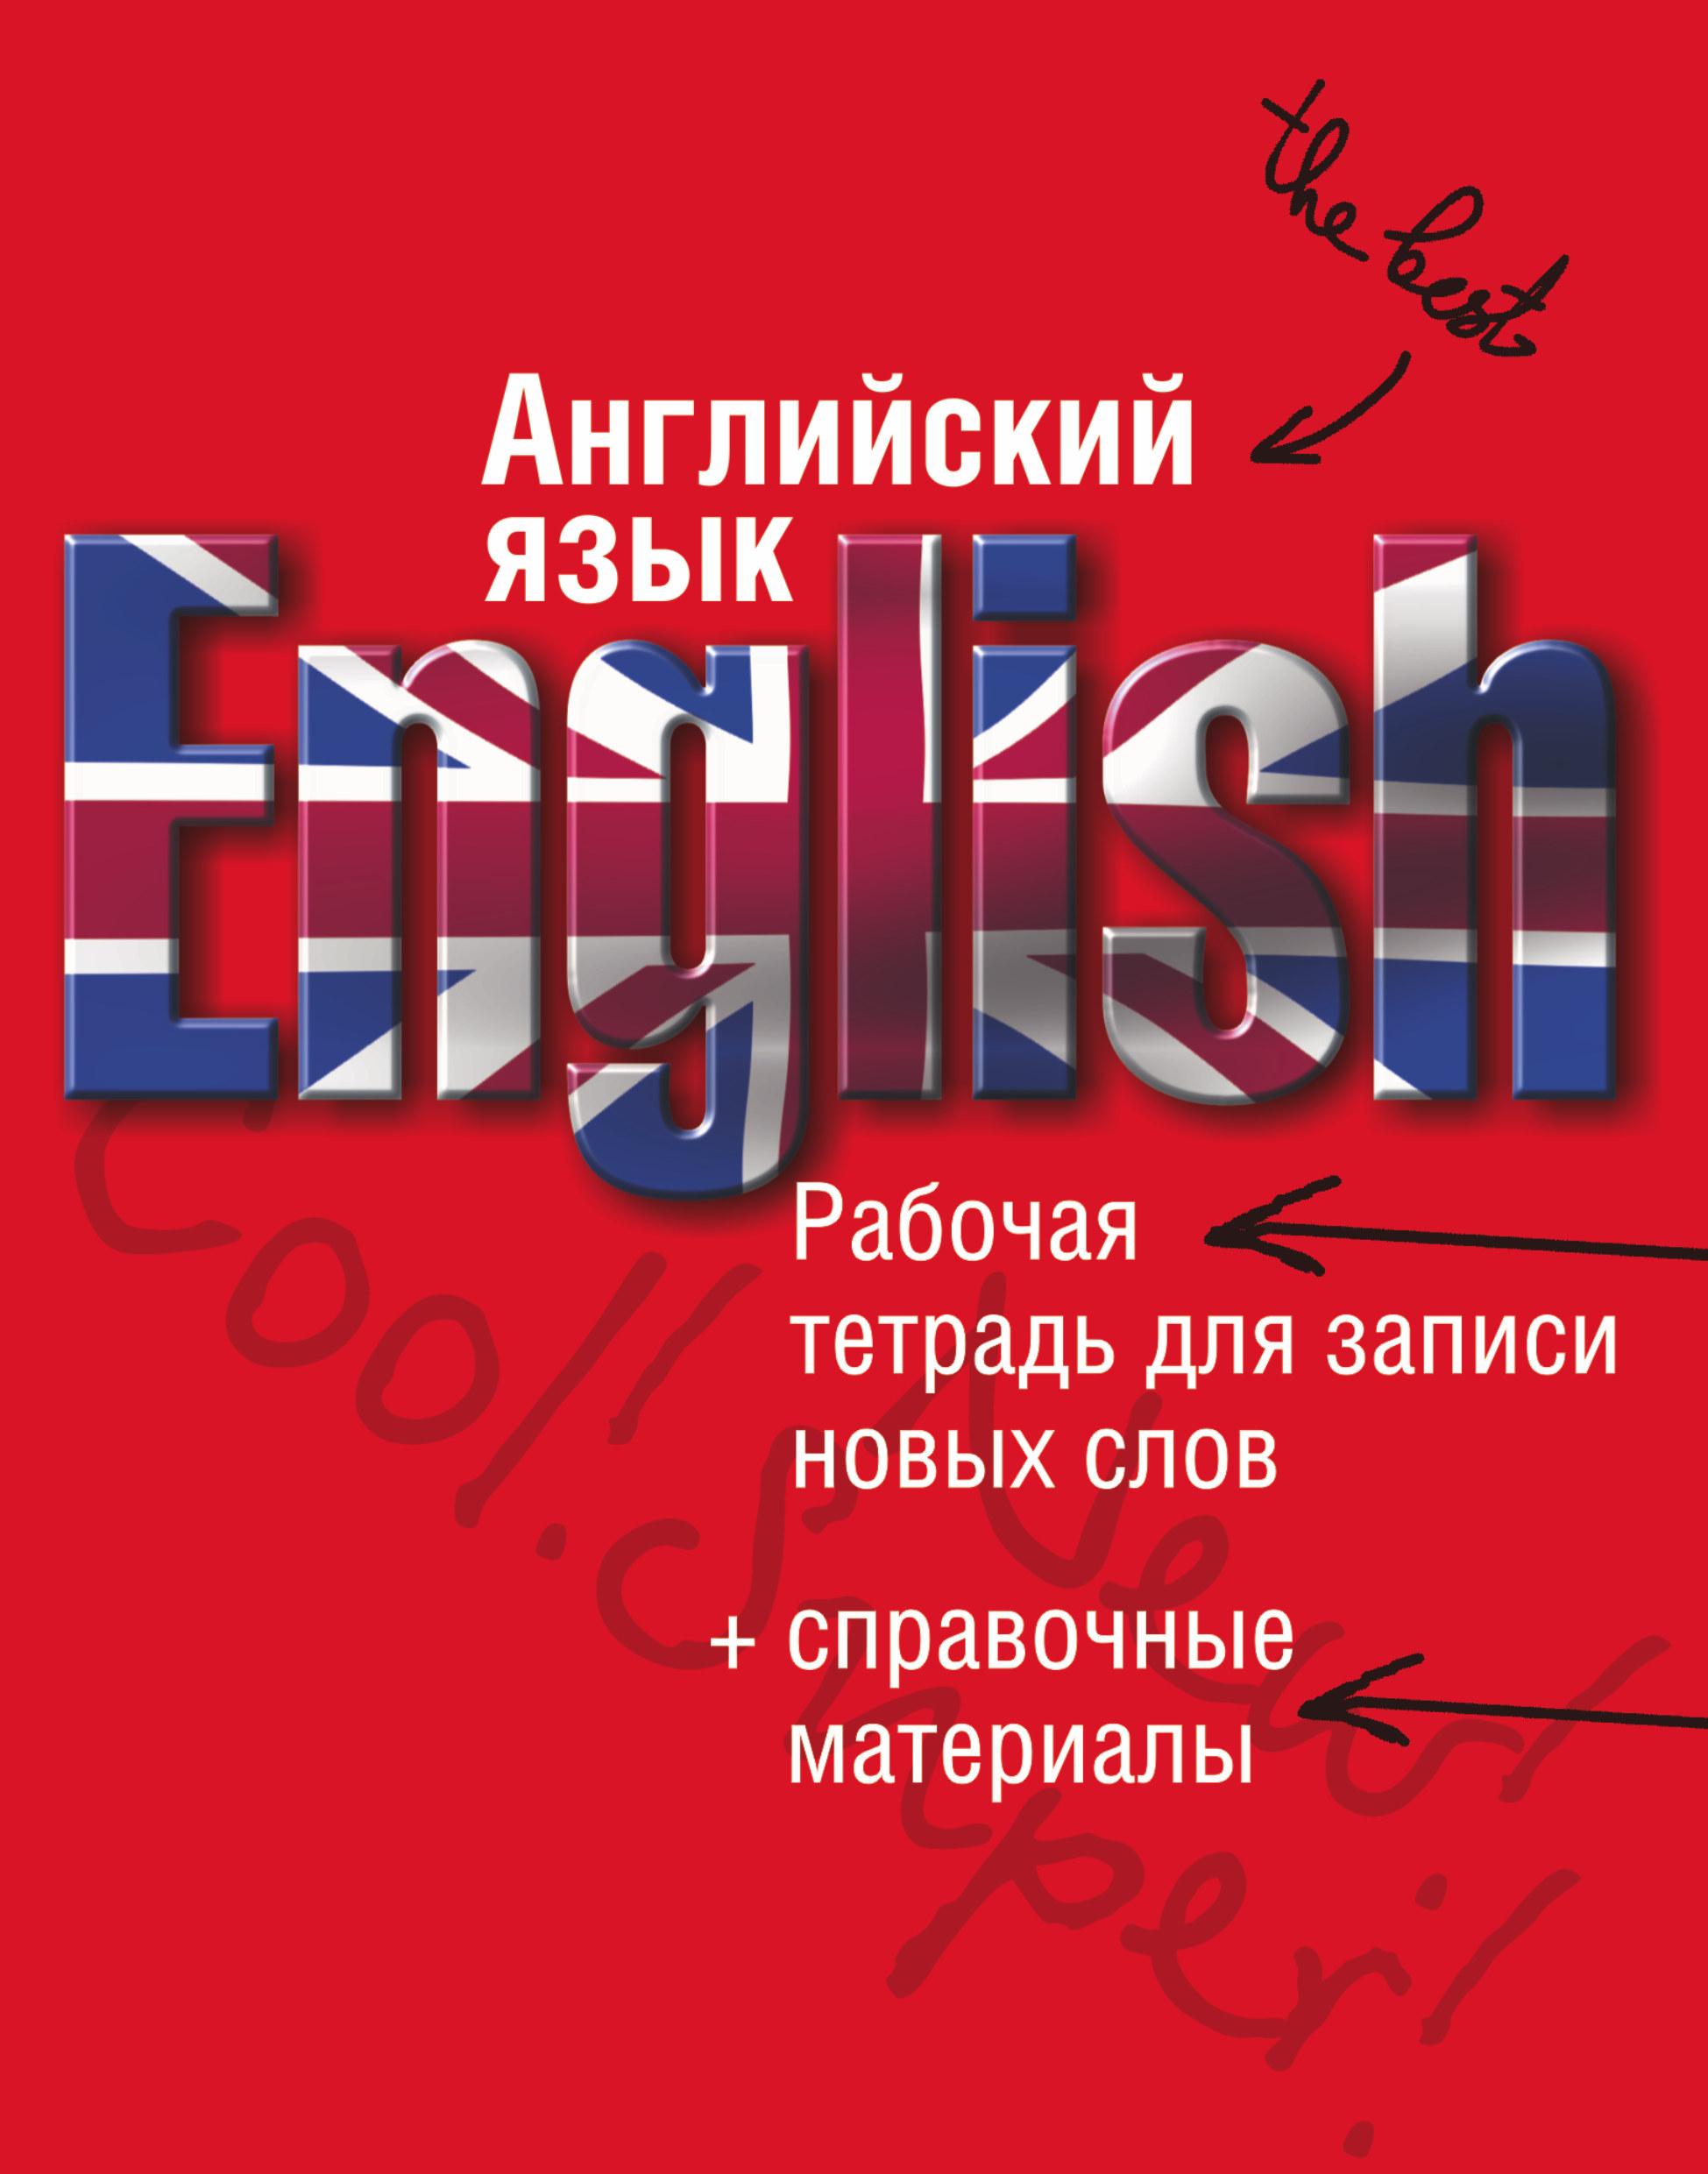 Английский язык. Рабочая тетрадь для записи новых слов+справочные материалы (красная)